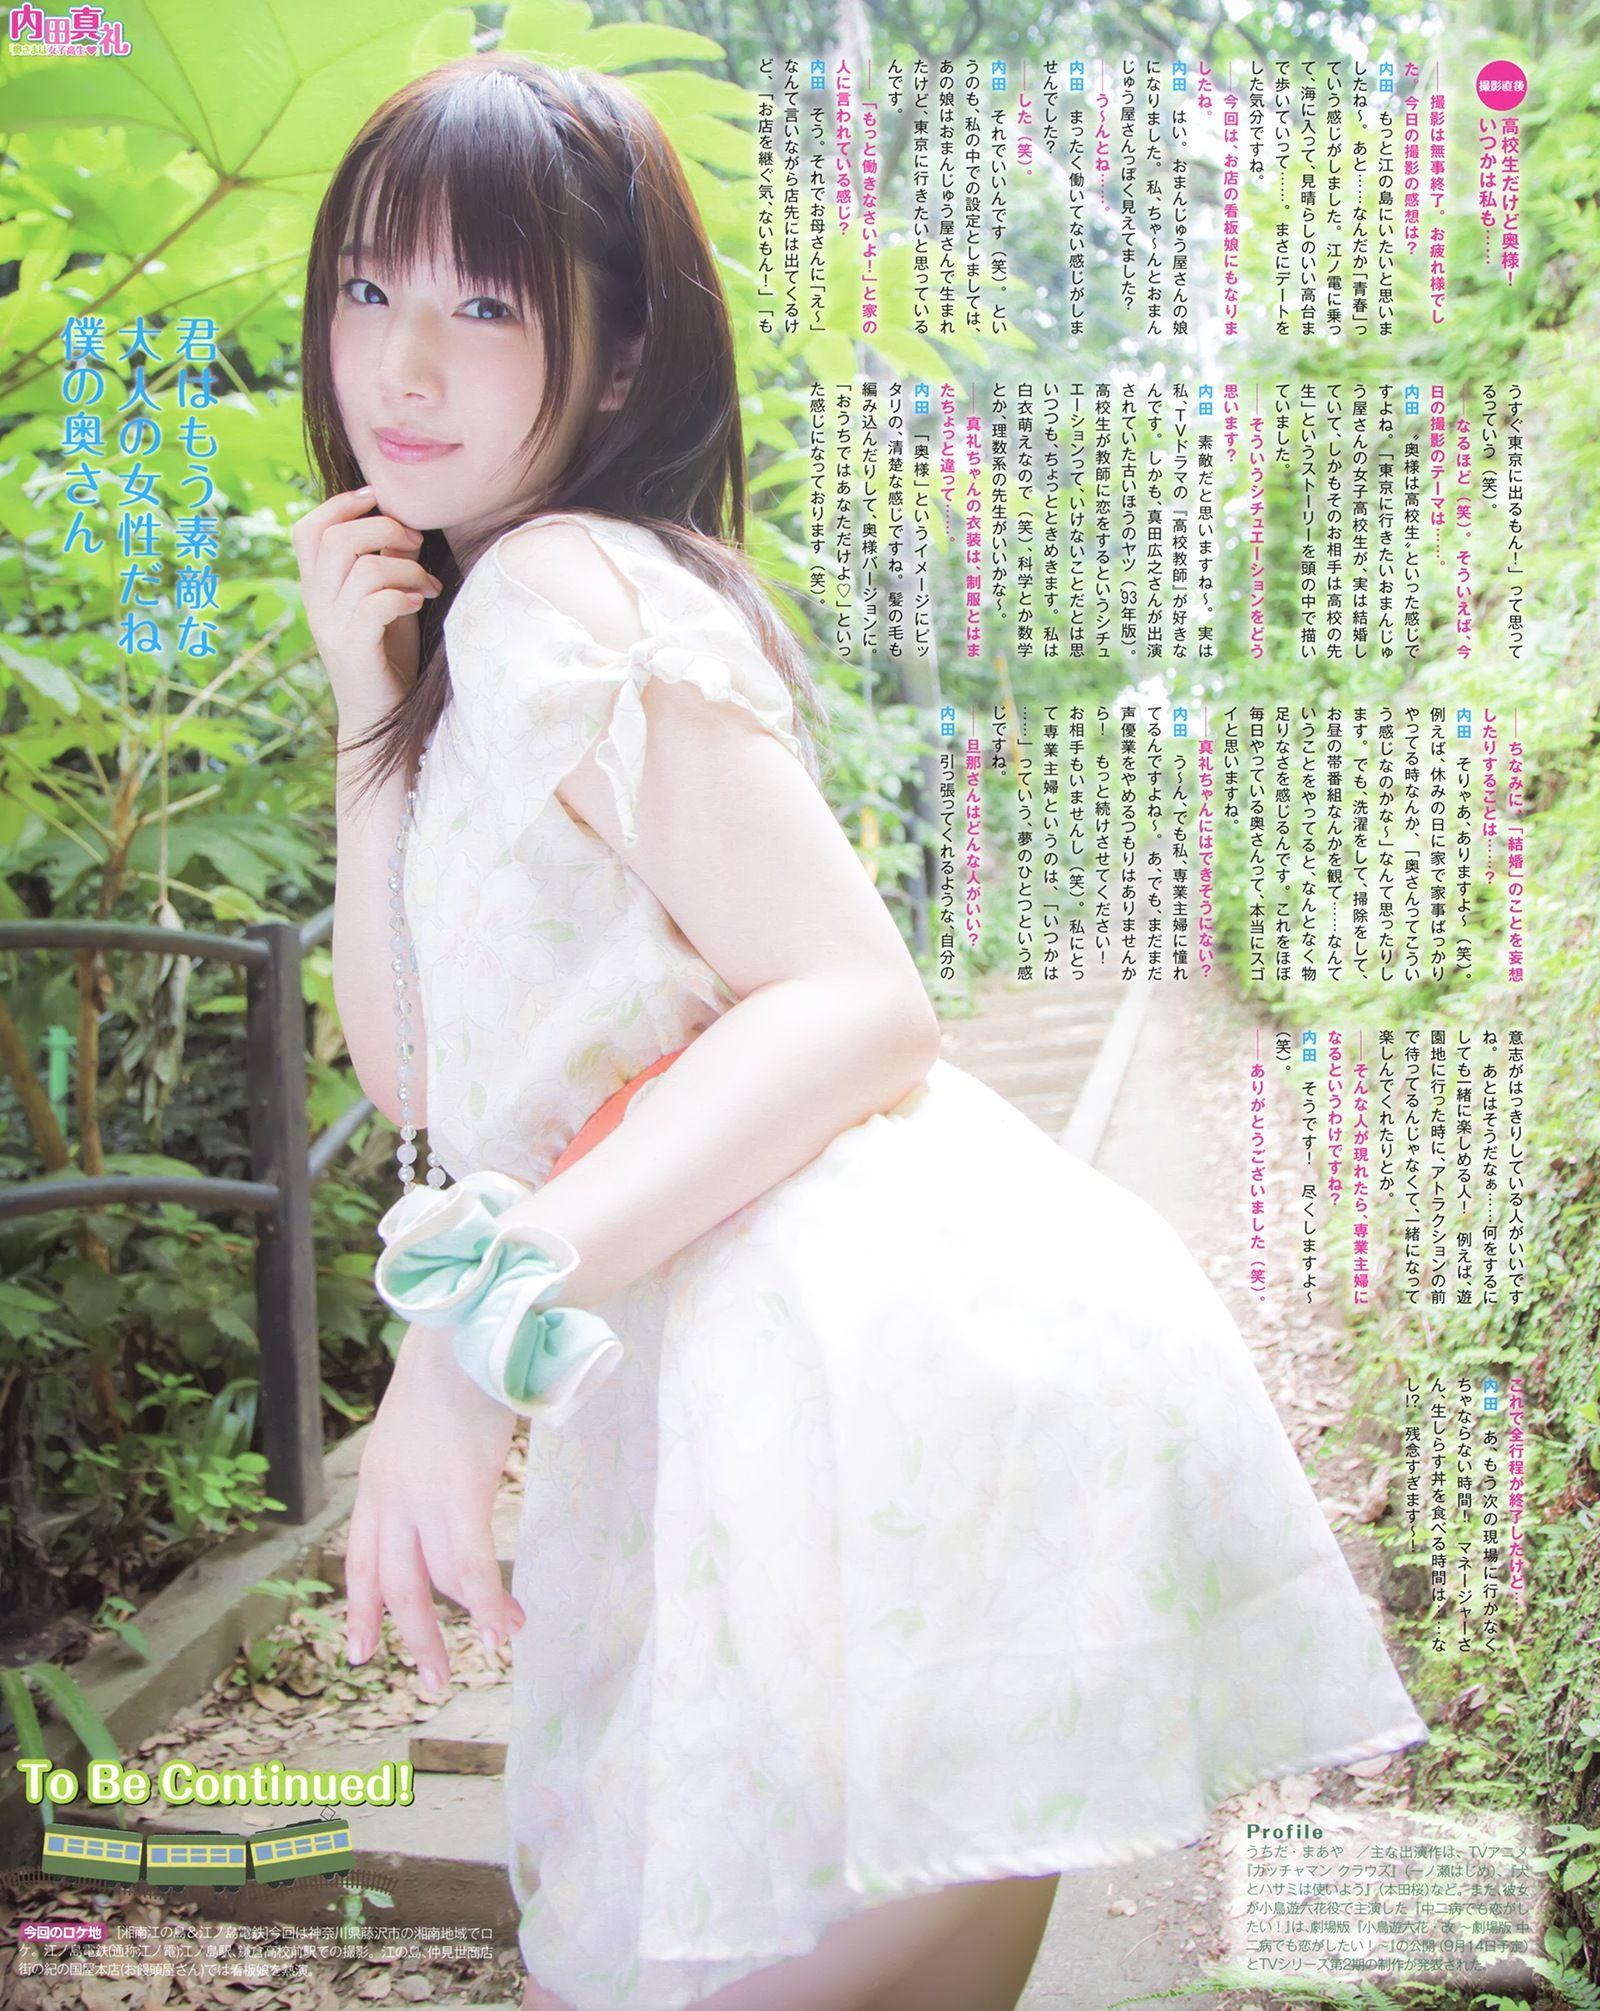 内田真礼の画像 p1_32